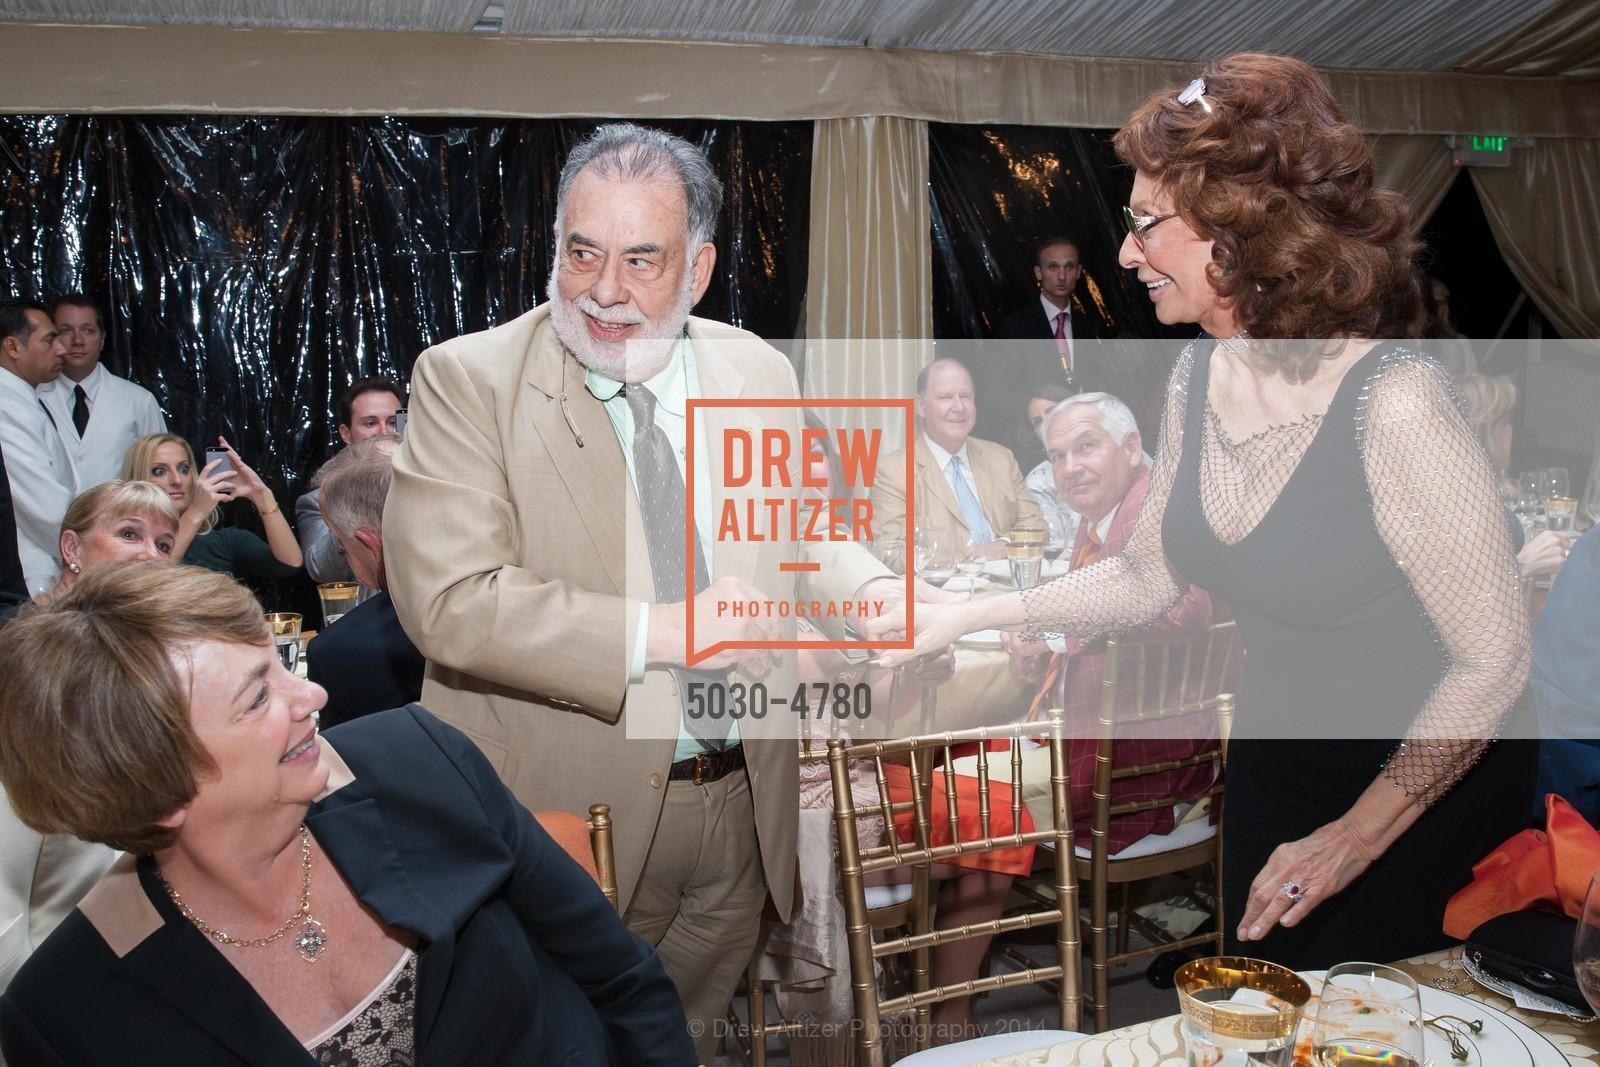 Francis Coppola, Sophia Loren, Photo #5030-4780